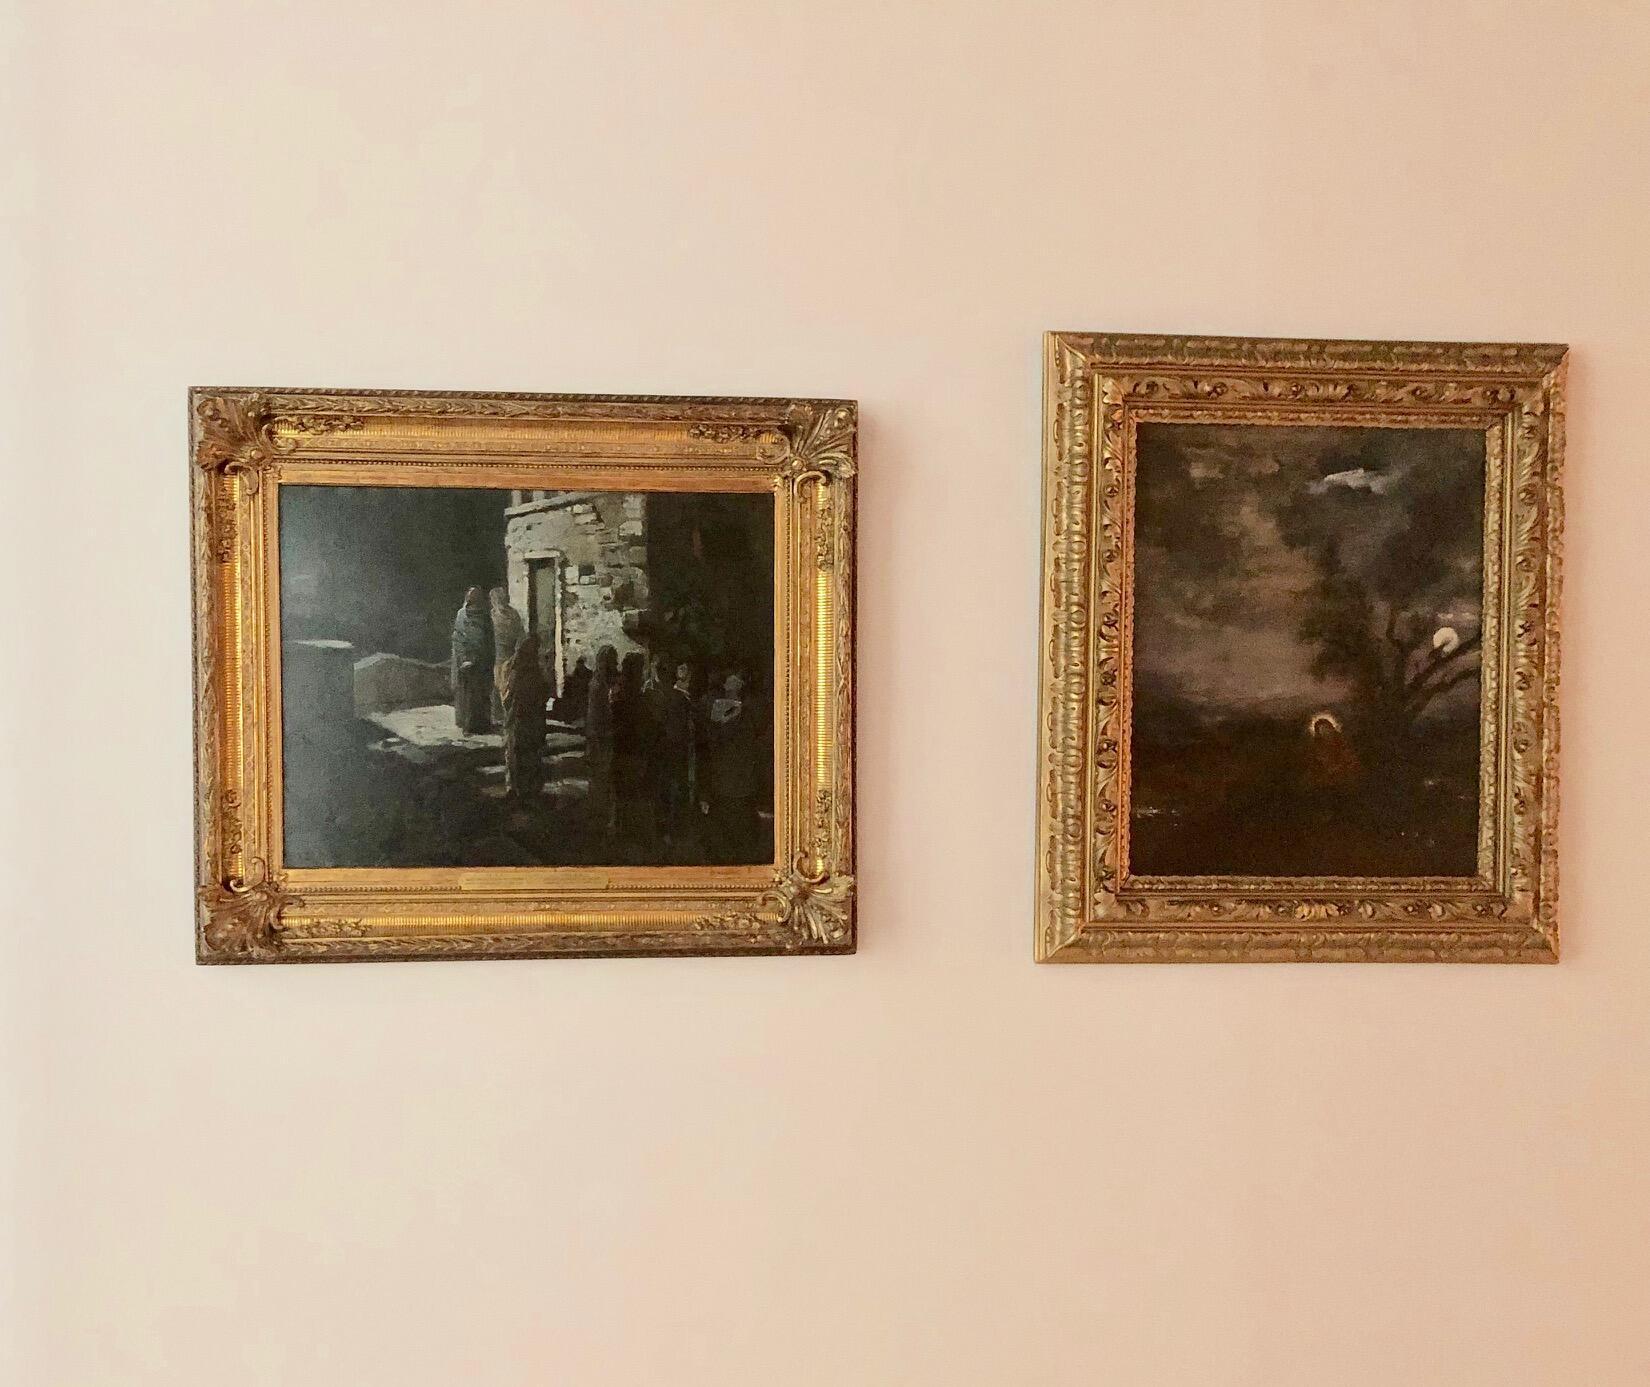 Картина Николая Ге «Христос с учениками входит в Гефсиманский сад» (1889) рядом с картиной Гюстава Моро на выставке «Луна» в Париже. 2019